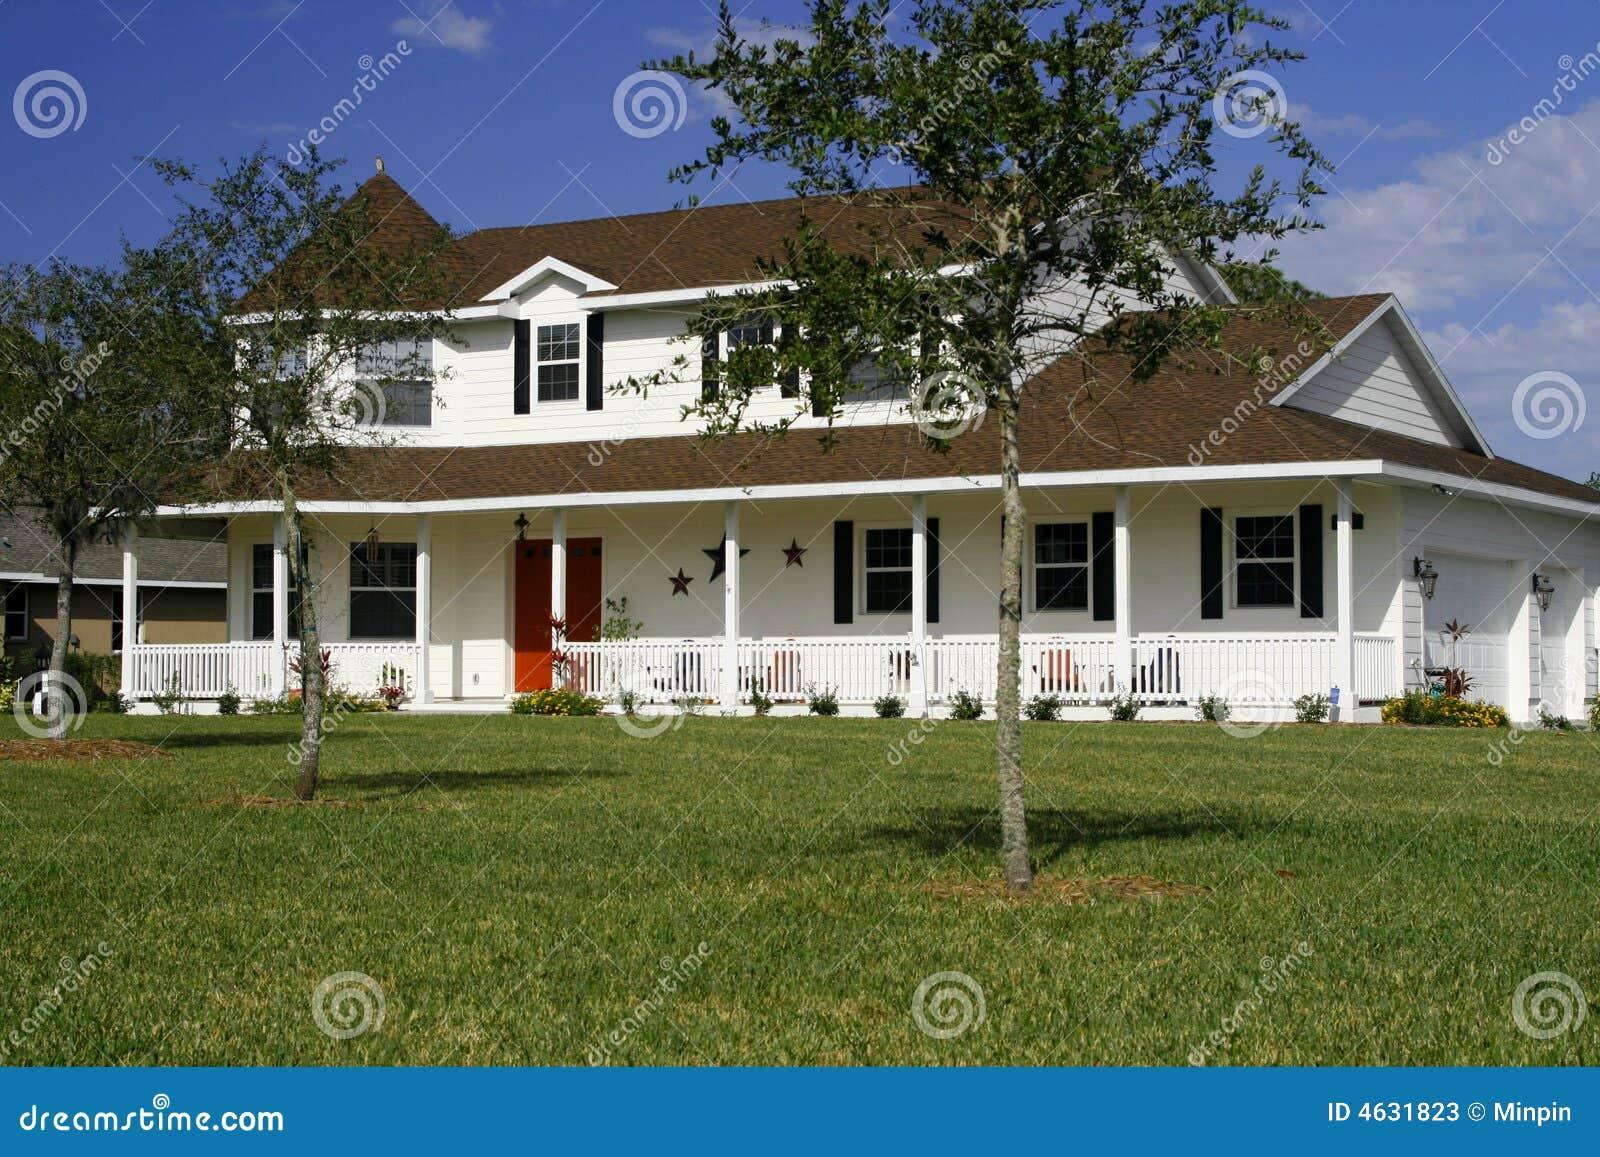 Neues Im Amerikanischen Stil Haus Stockbild - Bild von ...